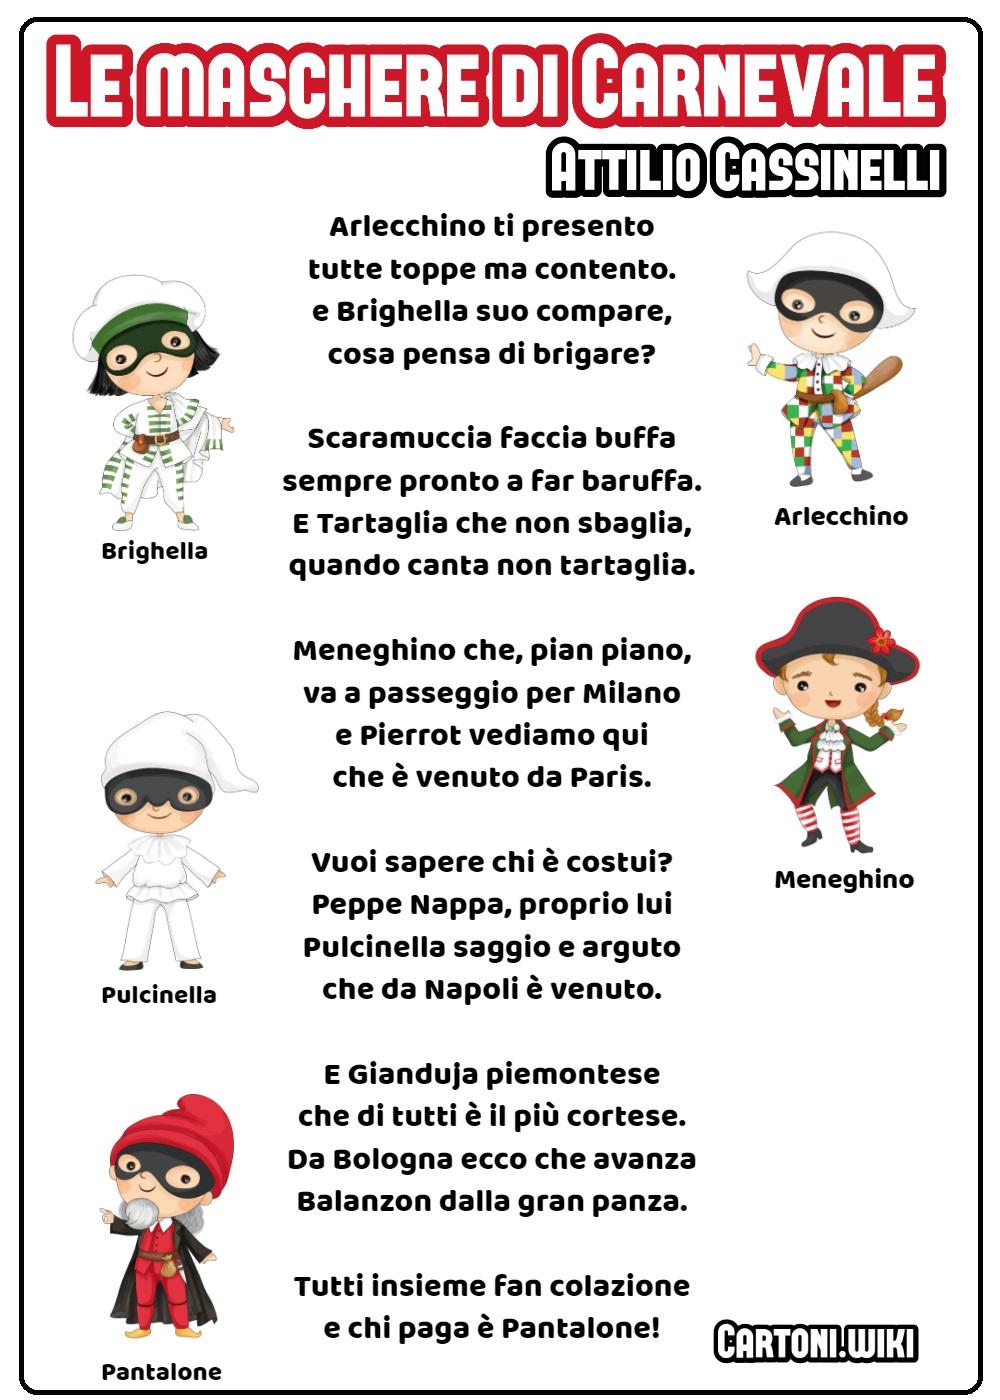 Maschere di Carnevale poesia di Attilio Cassinelli - Cartoni animati